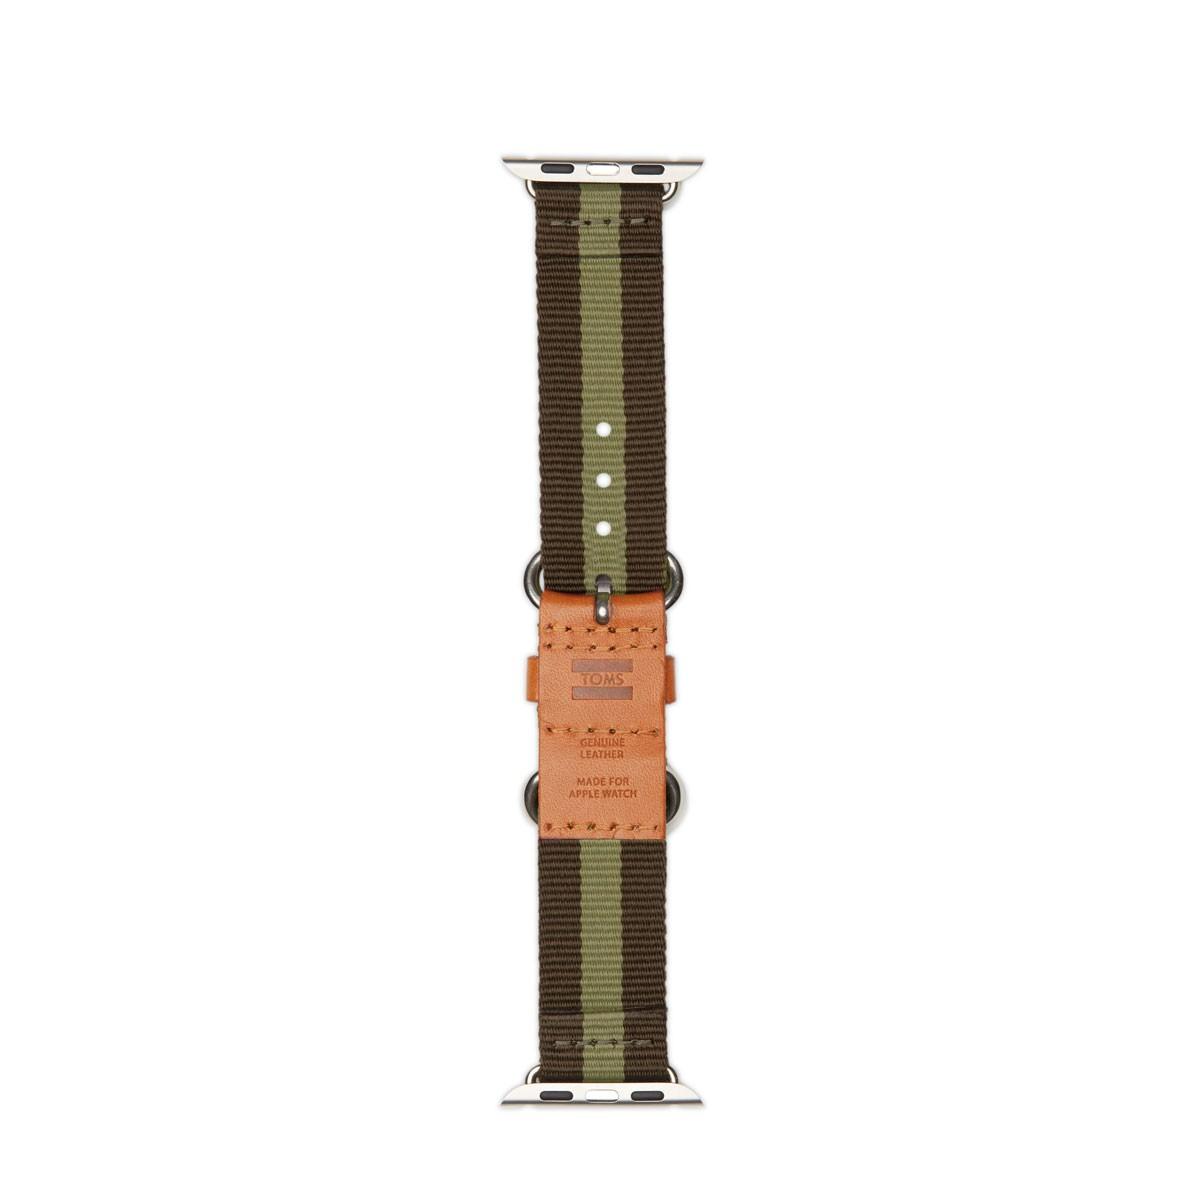 TOMS Utility, tkaný řemínek pro 38mm Apple Watch - zelený proužek